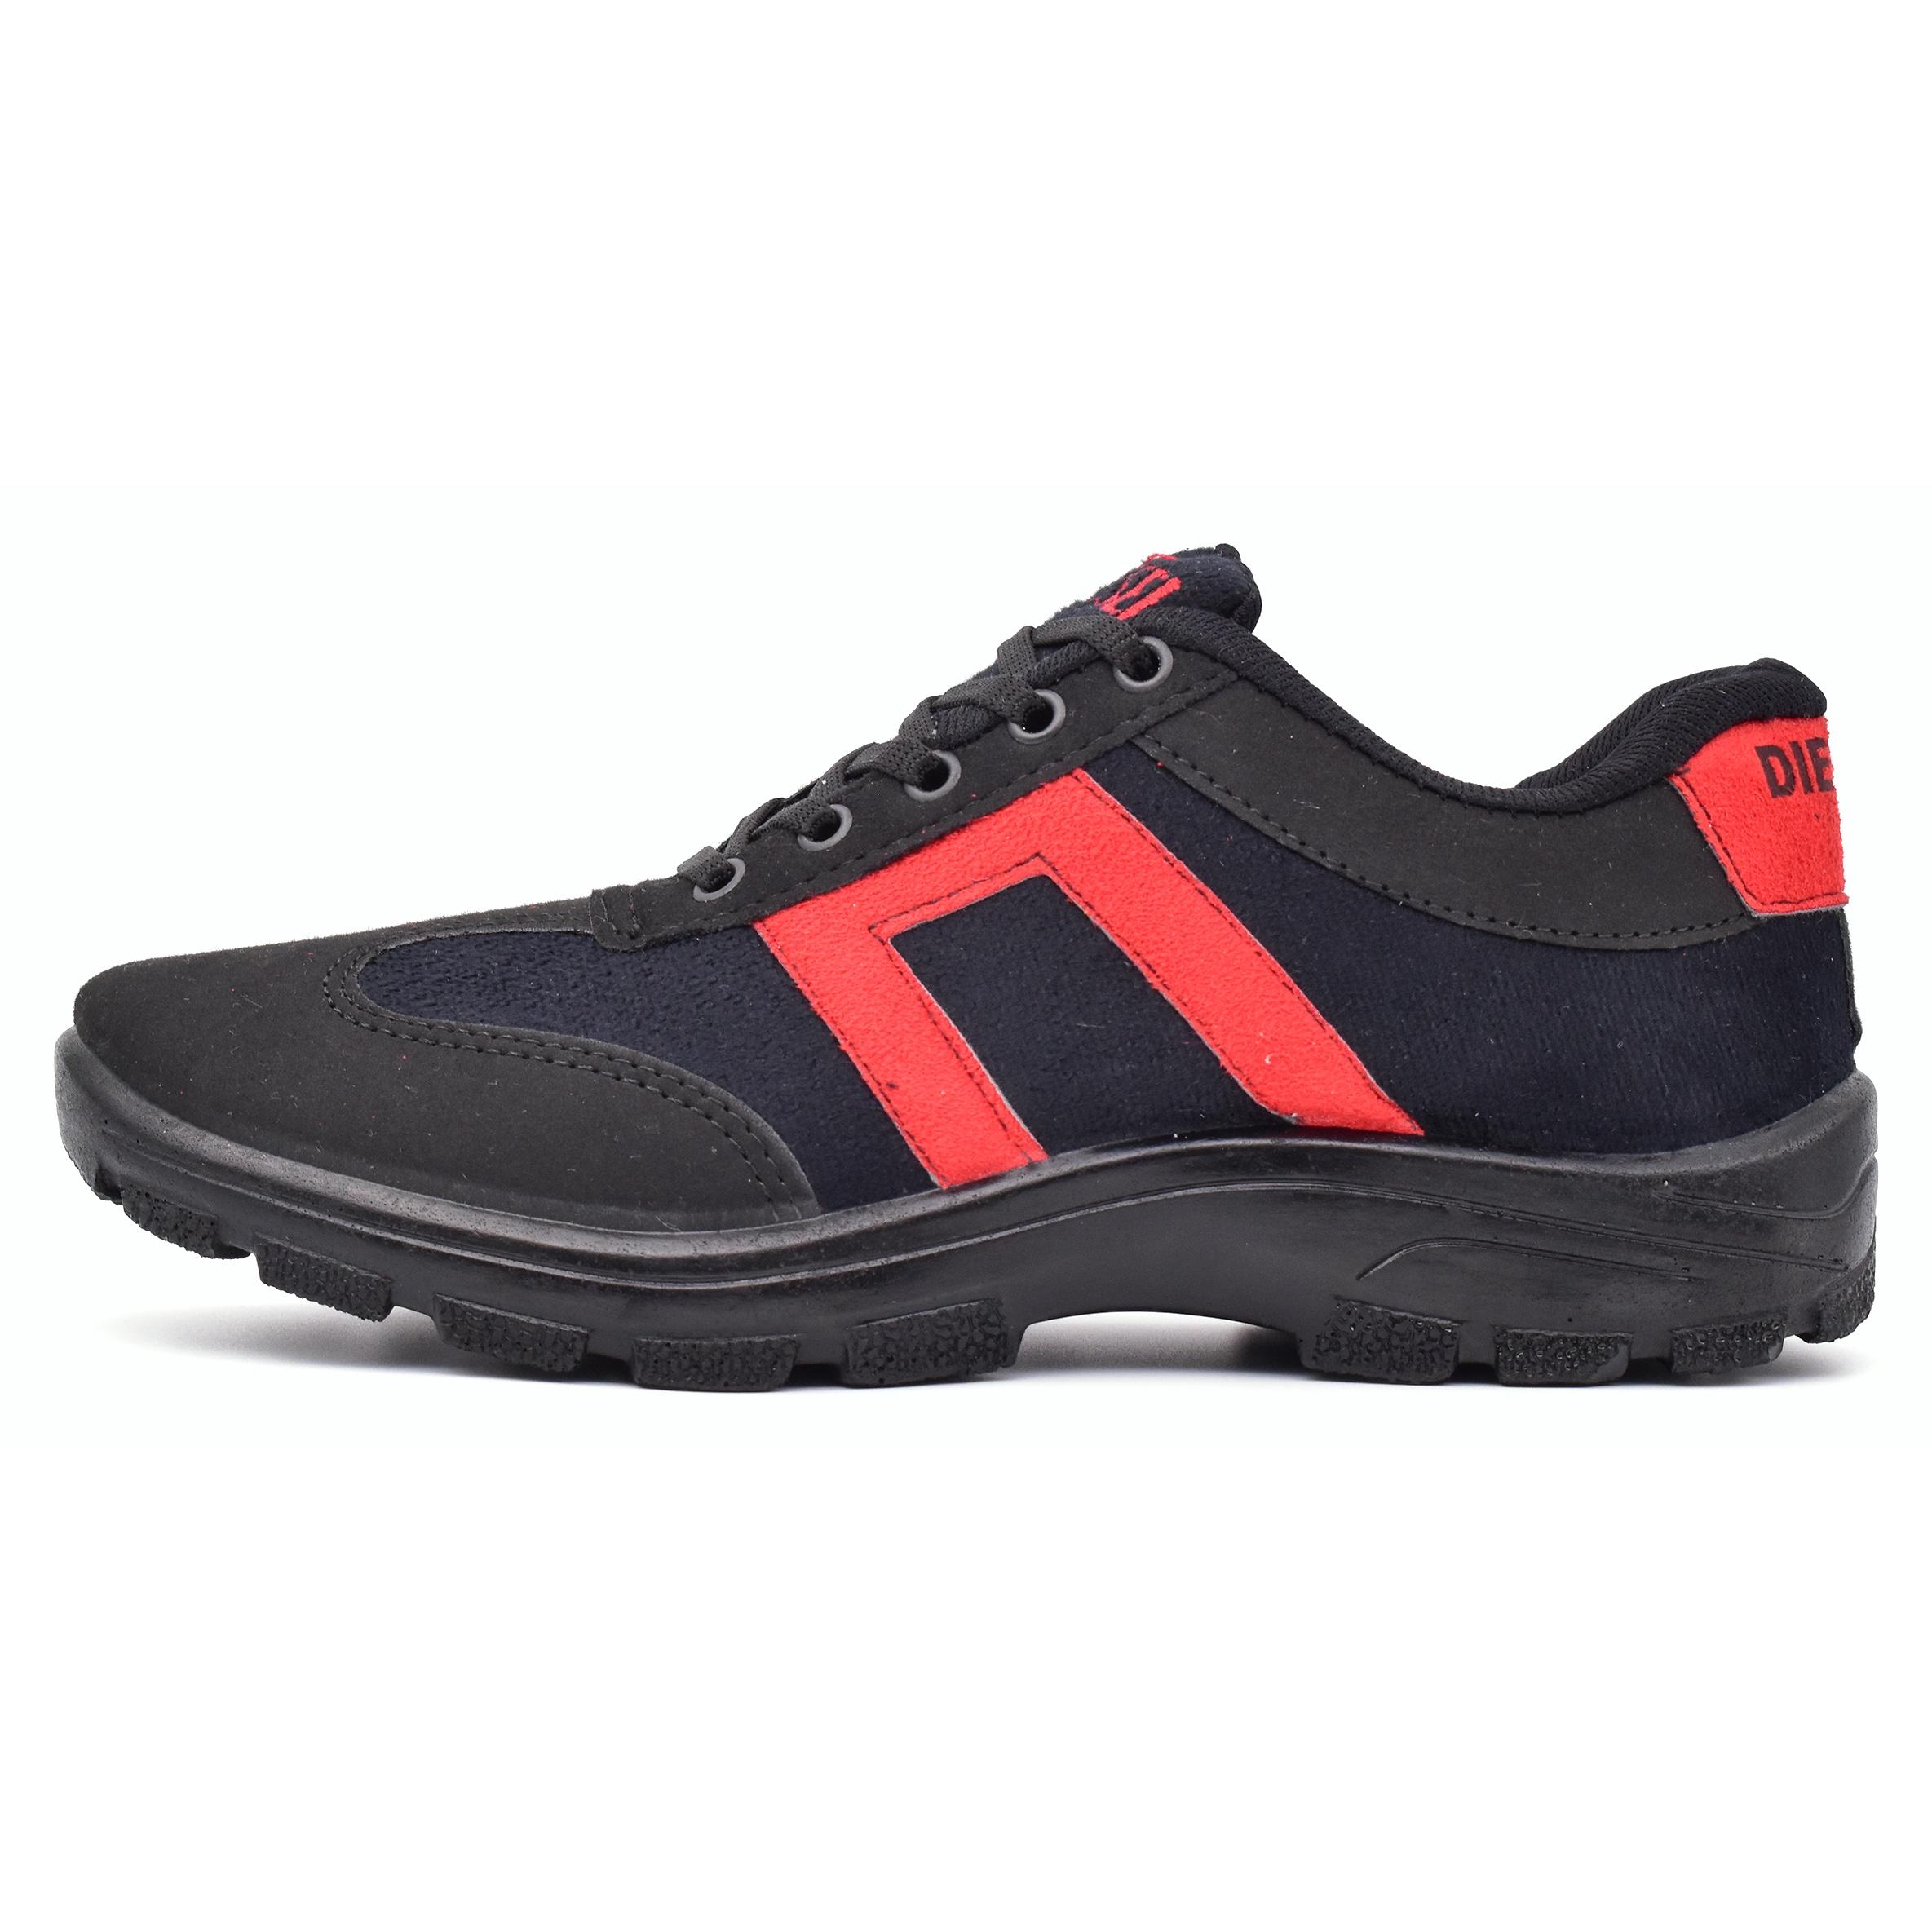 کفش مخصوص پیاده روی مردانه امیر کد 4937